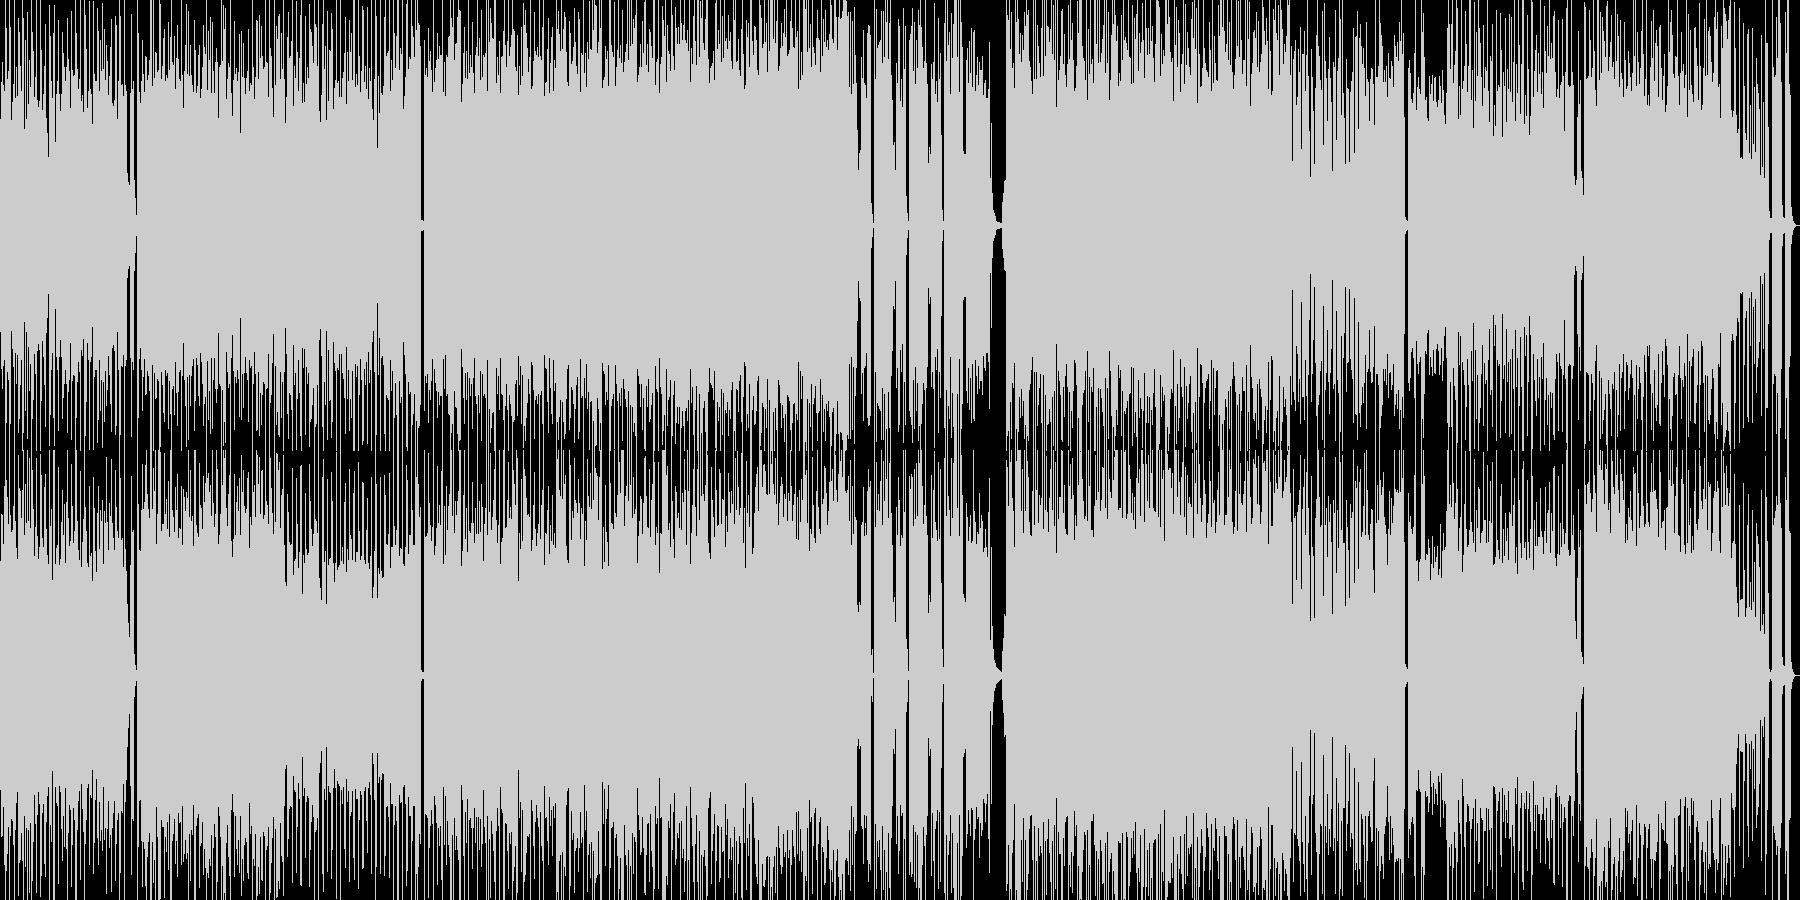 高音質♪ロックアップループ曲の未再生の波形